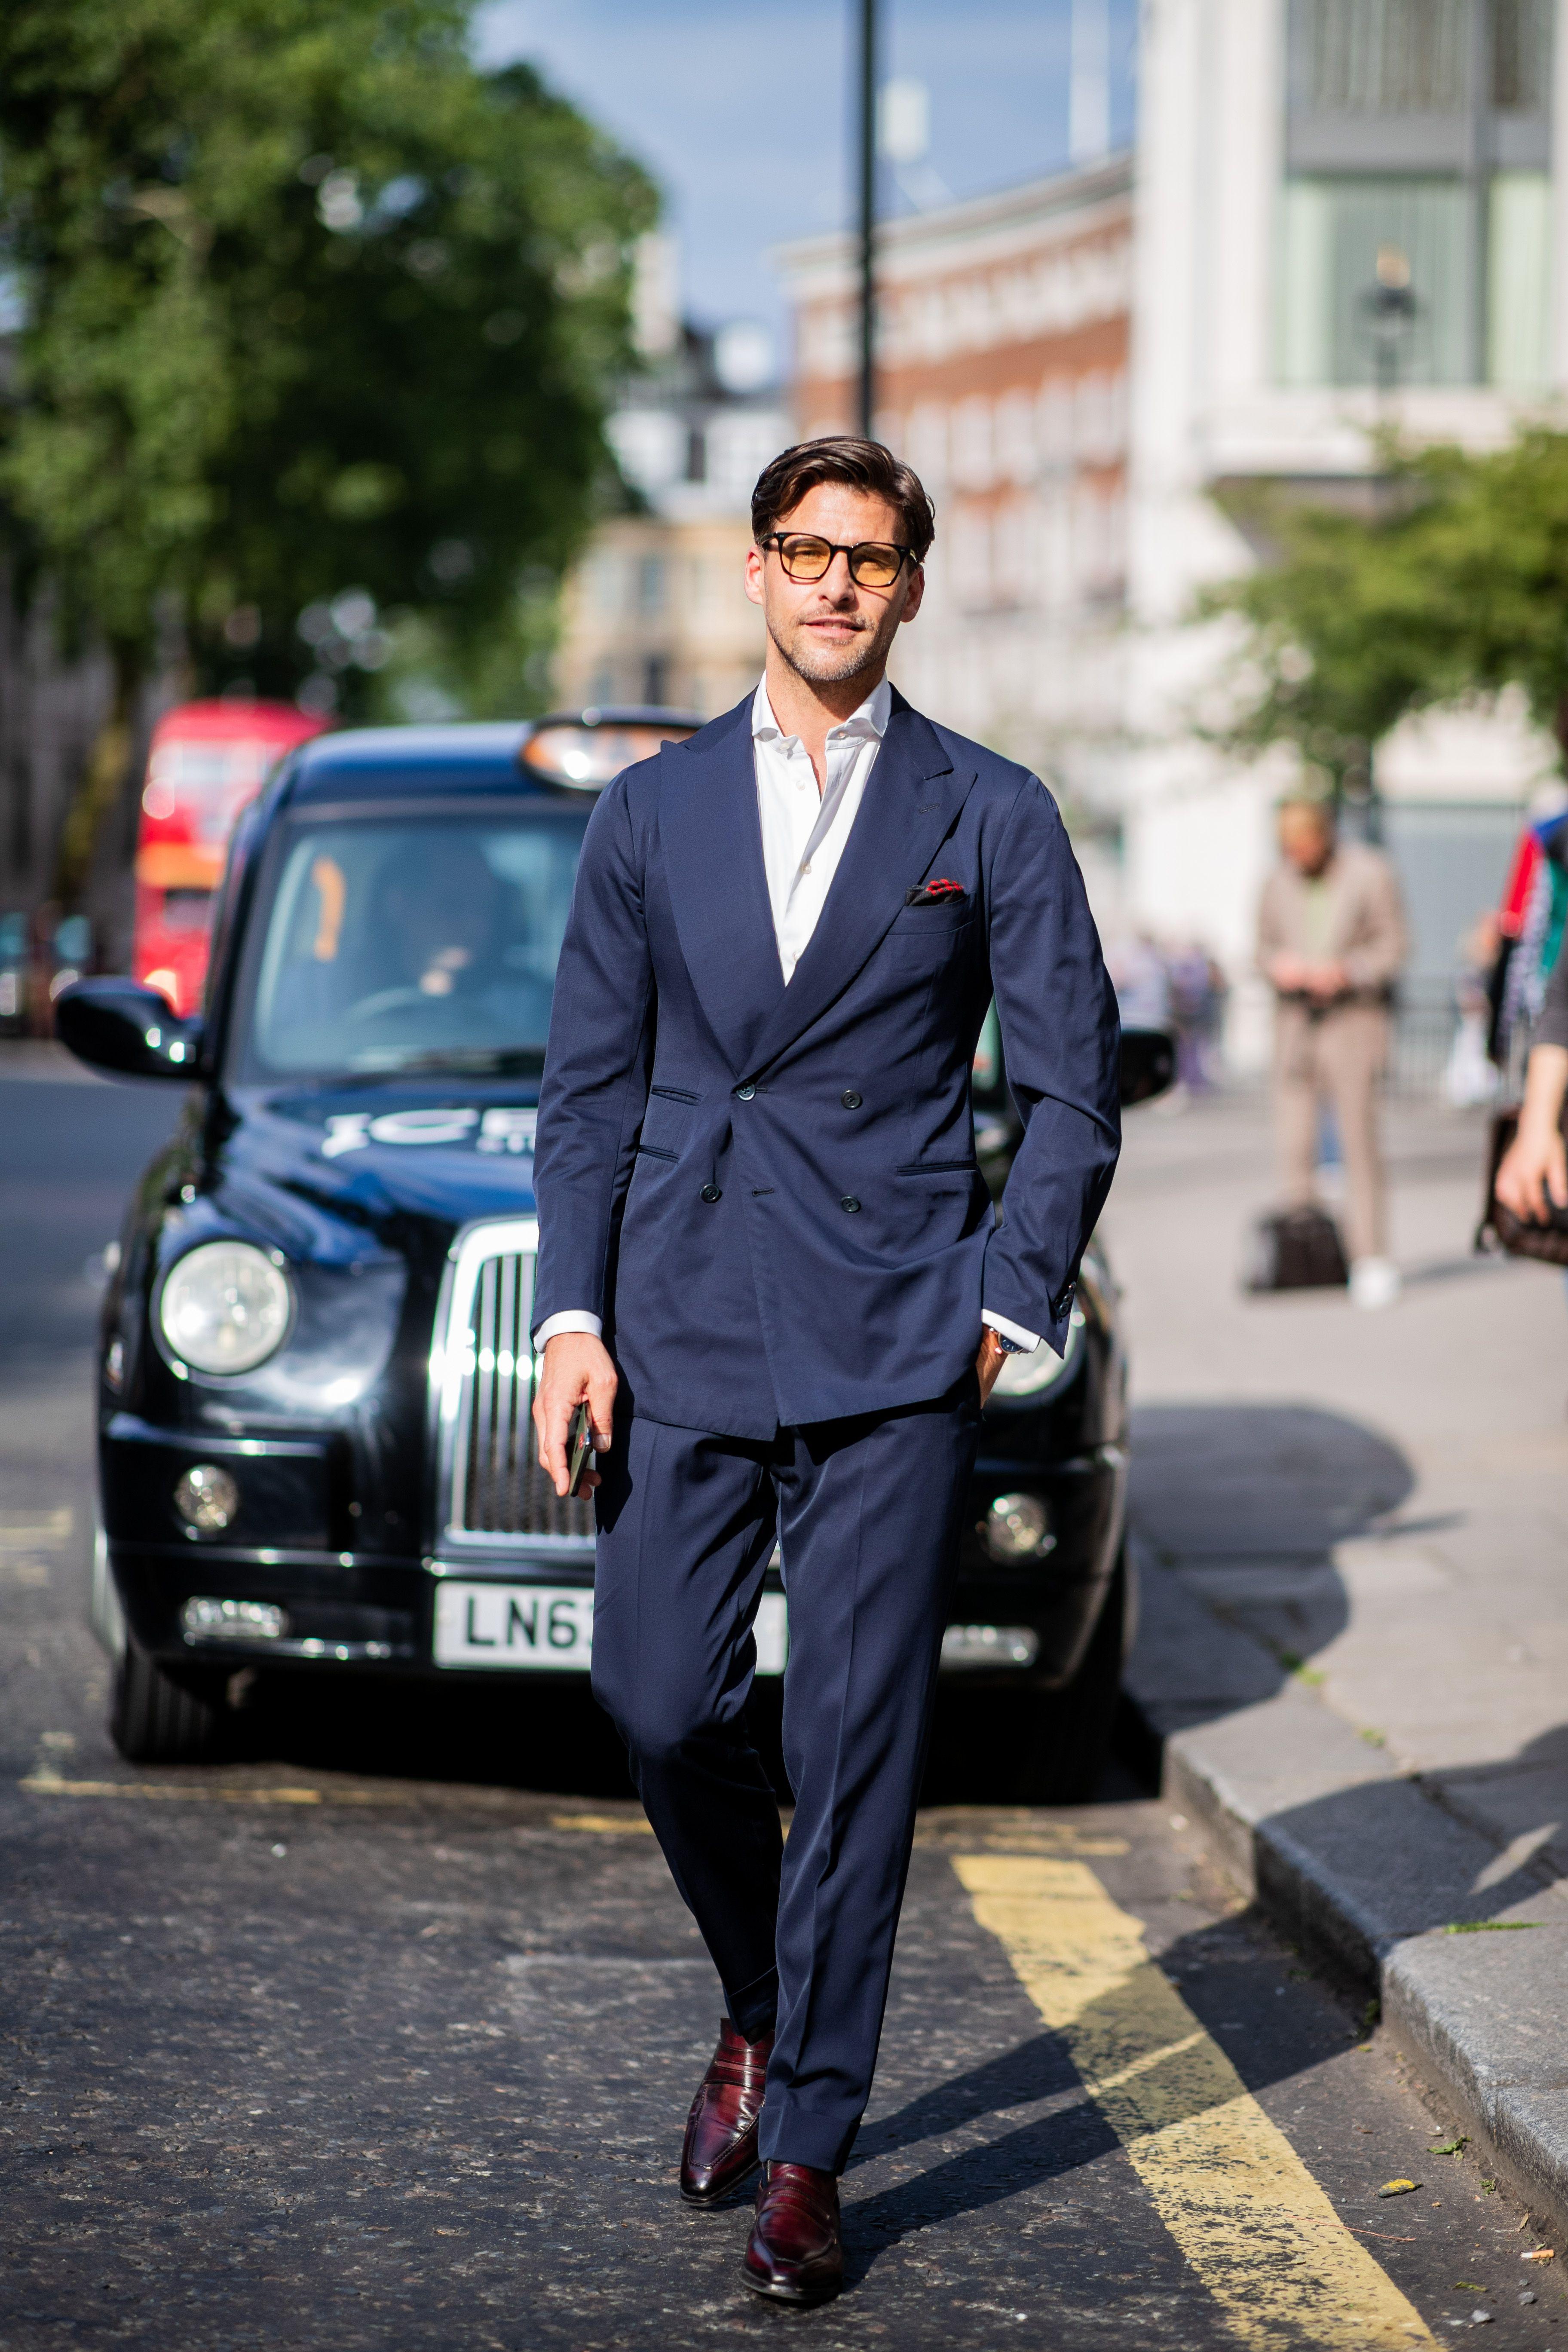 street style hombre, londresstreet style, londonstreet style,street style men's london,street style london men